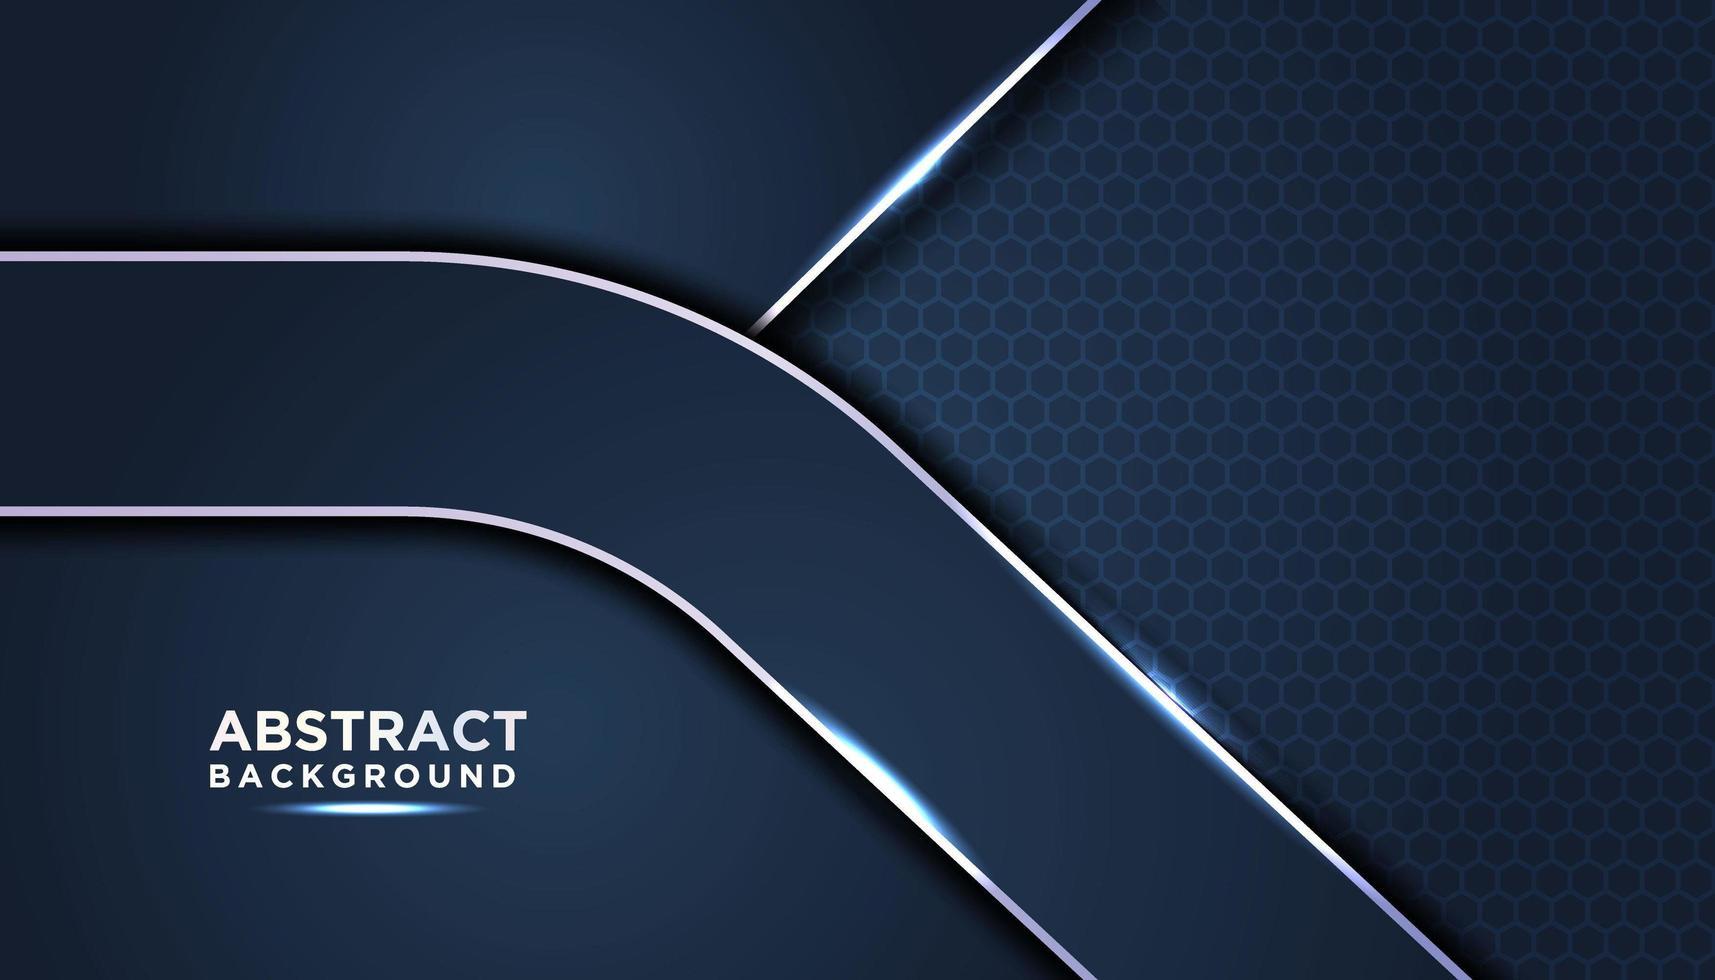 capas de fondo abstracto azul oscuro vector